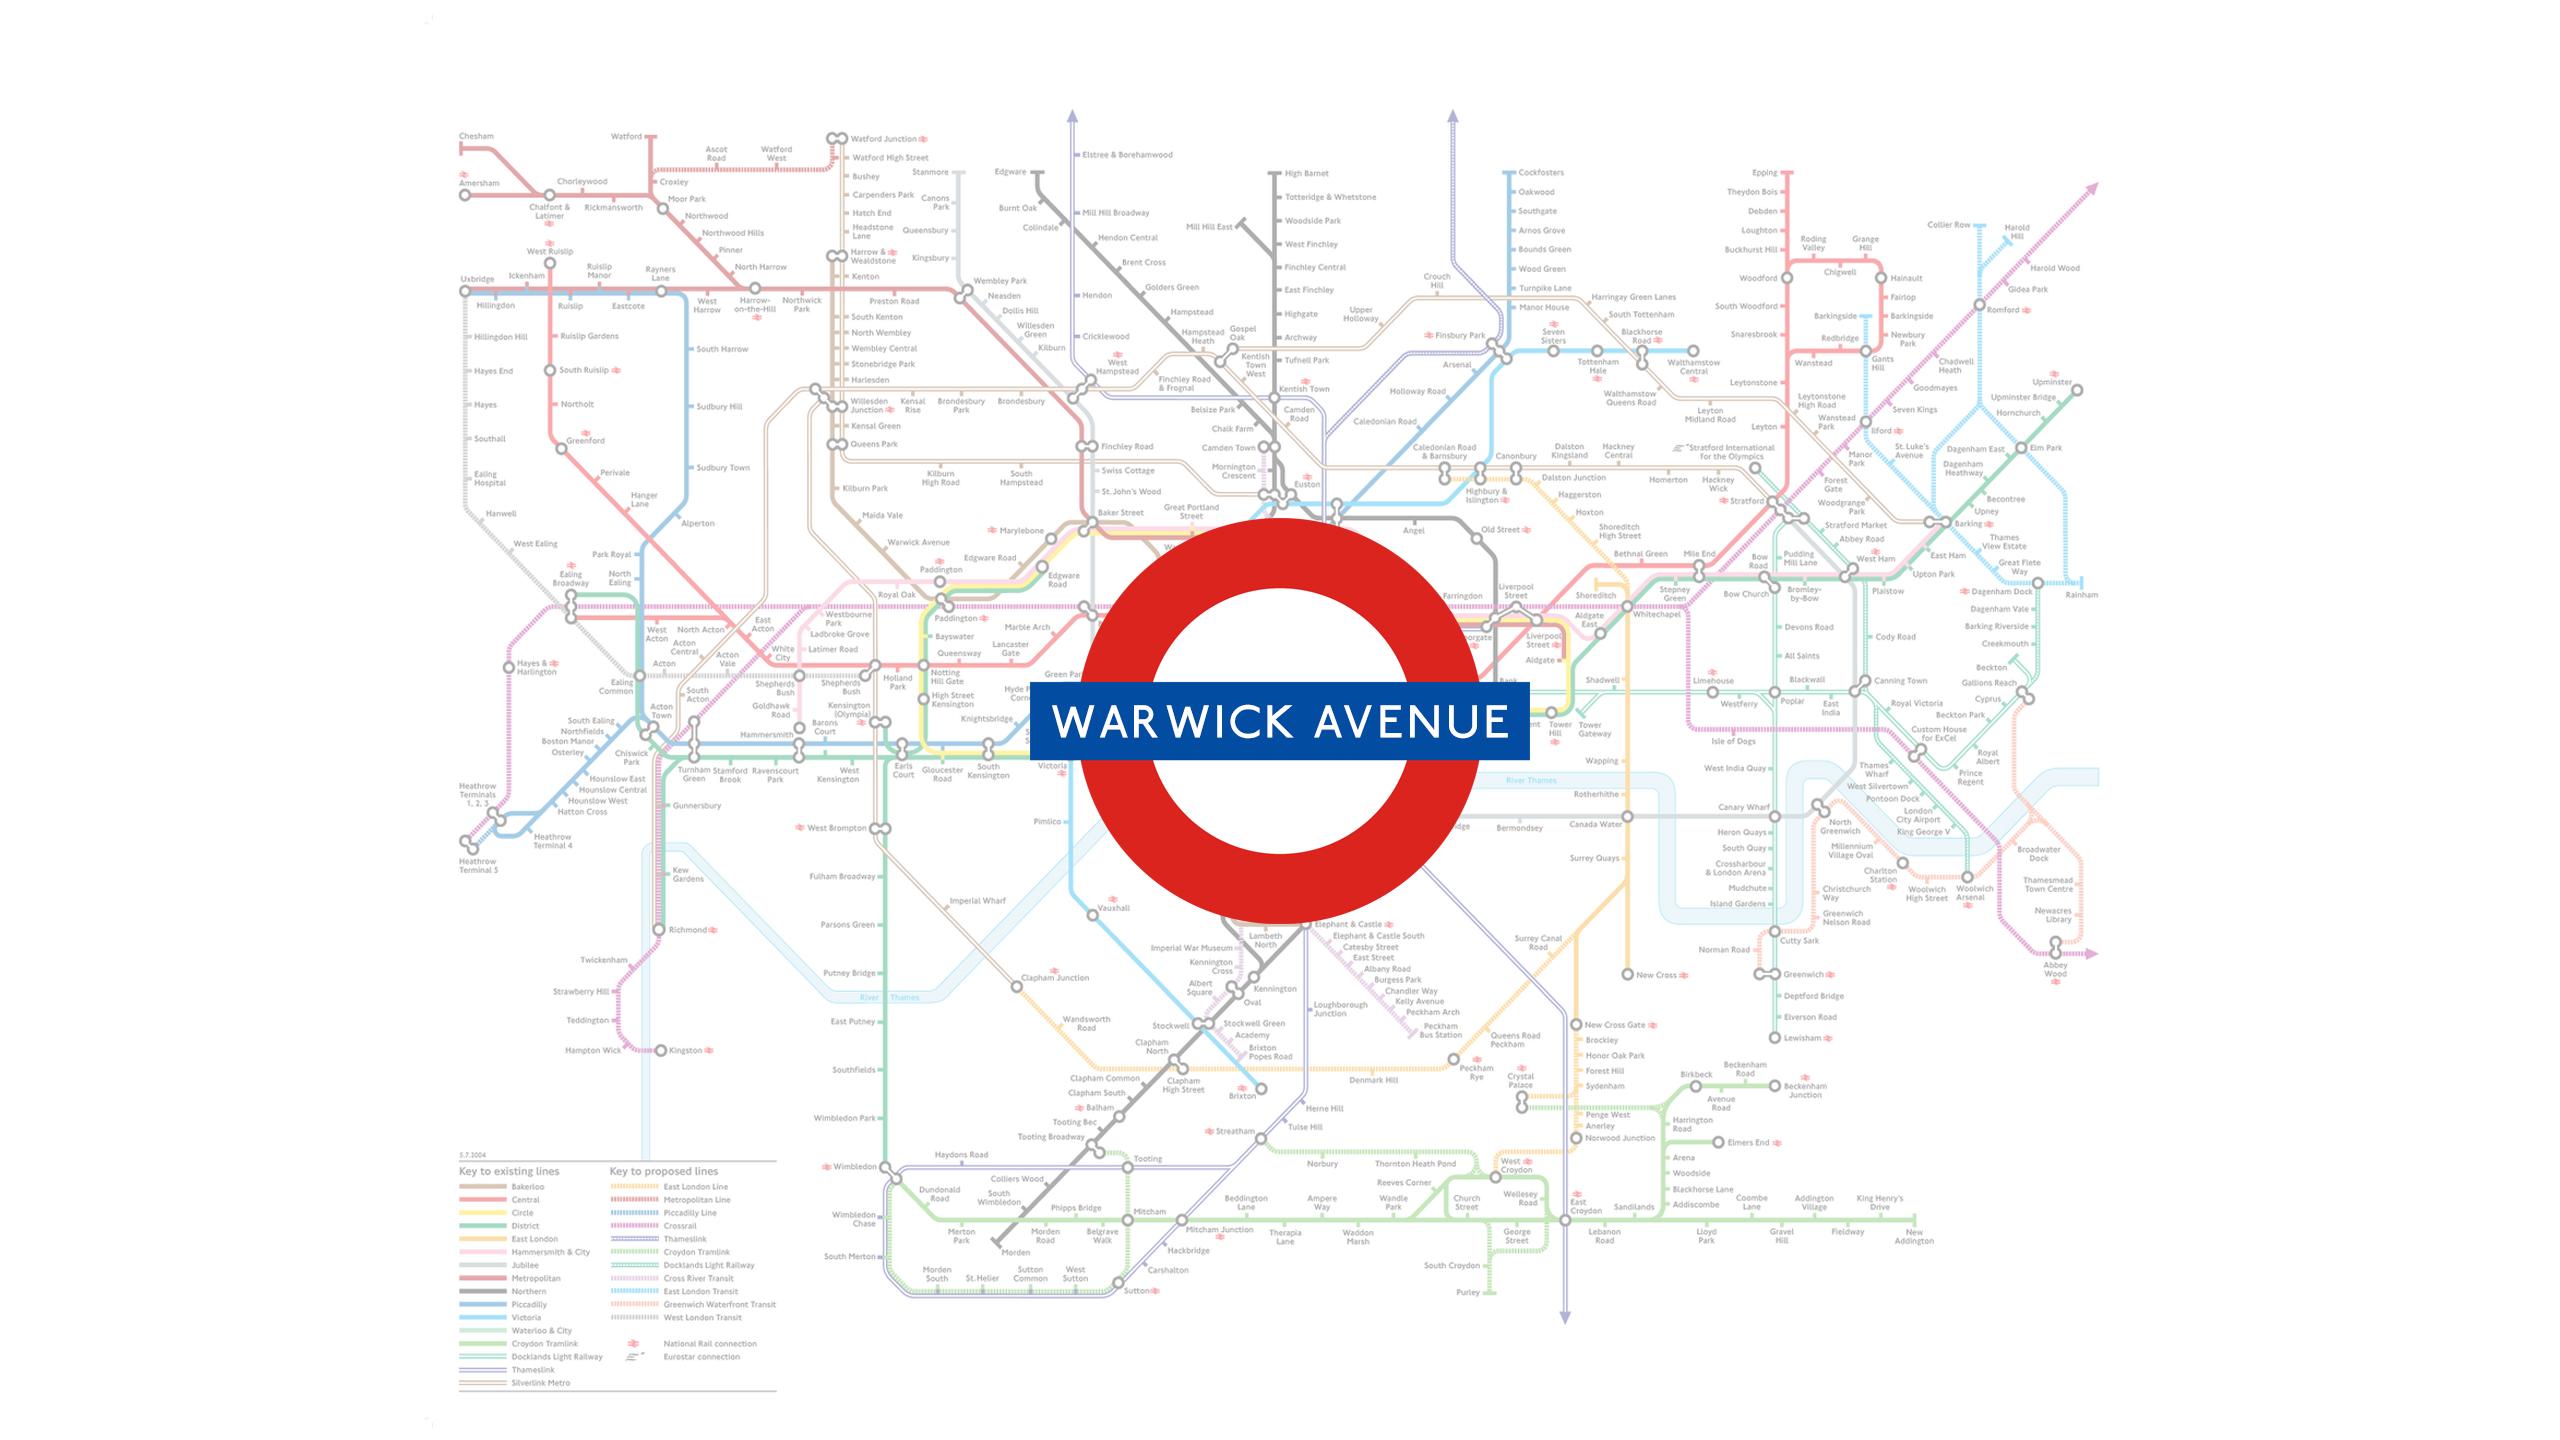 Warwick Avenue (Map)